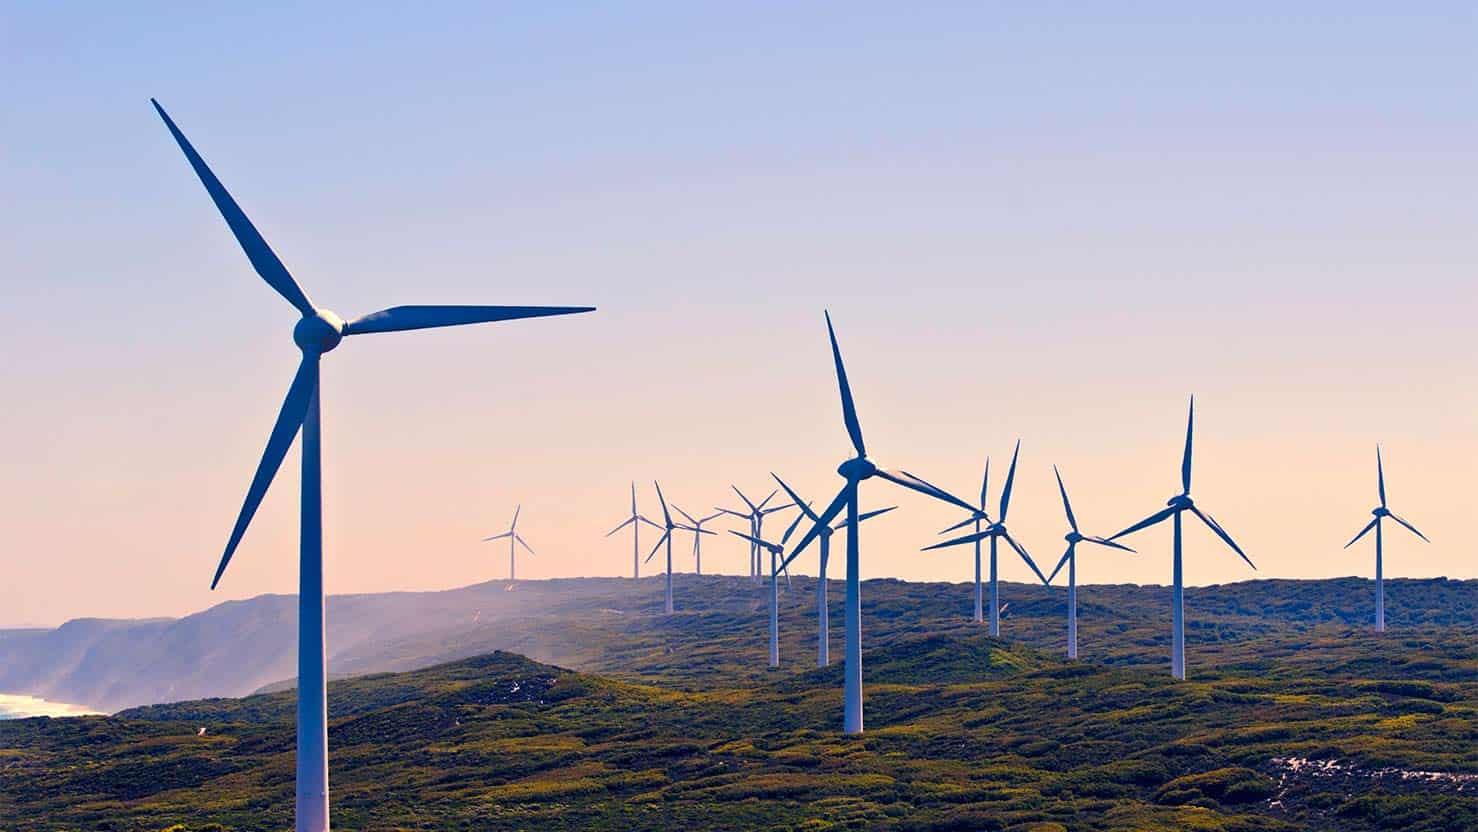 Windfarm on isolated field